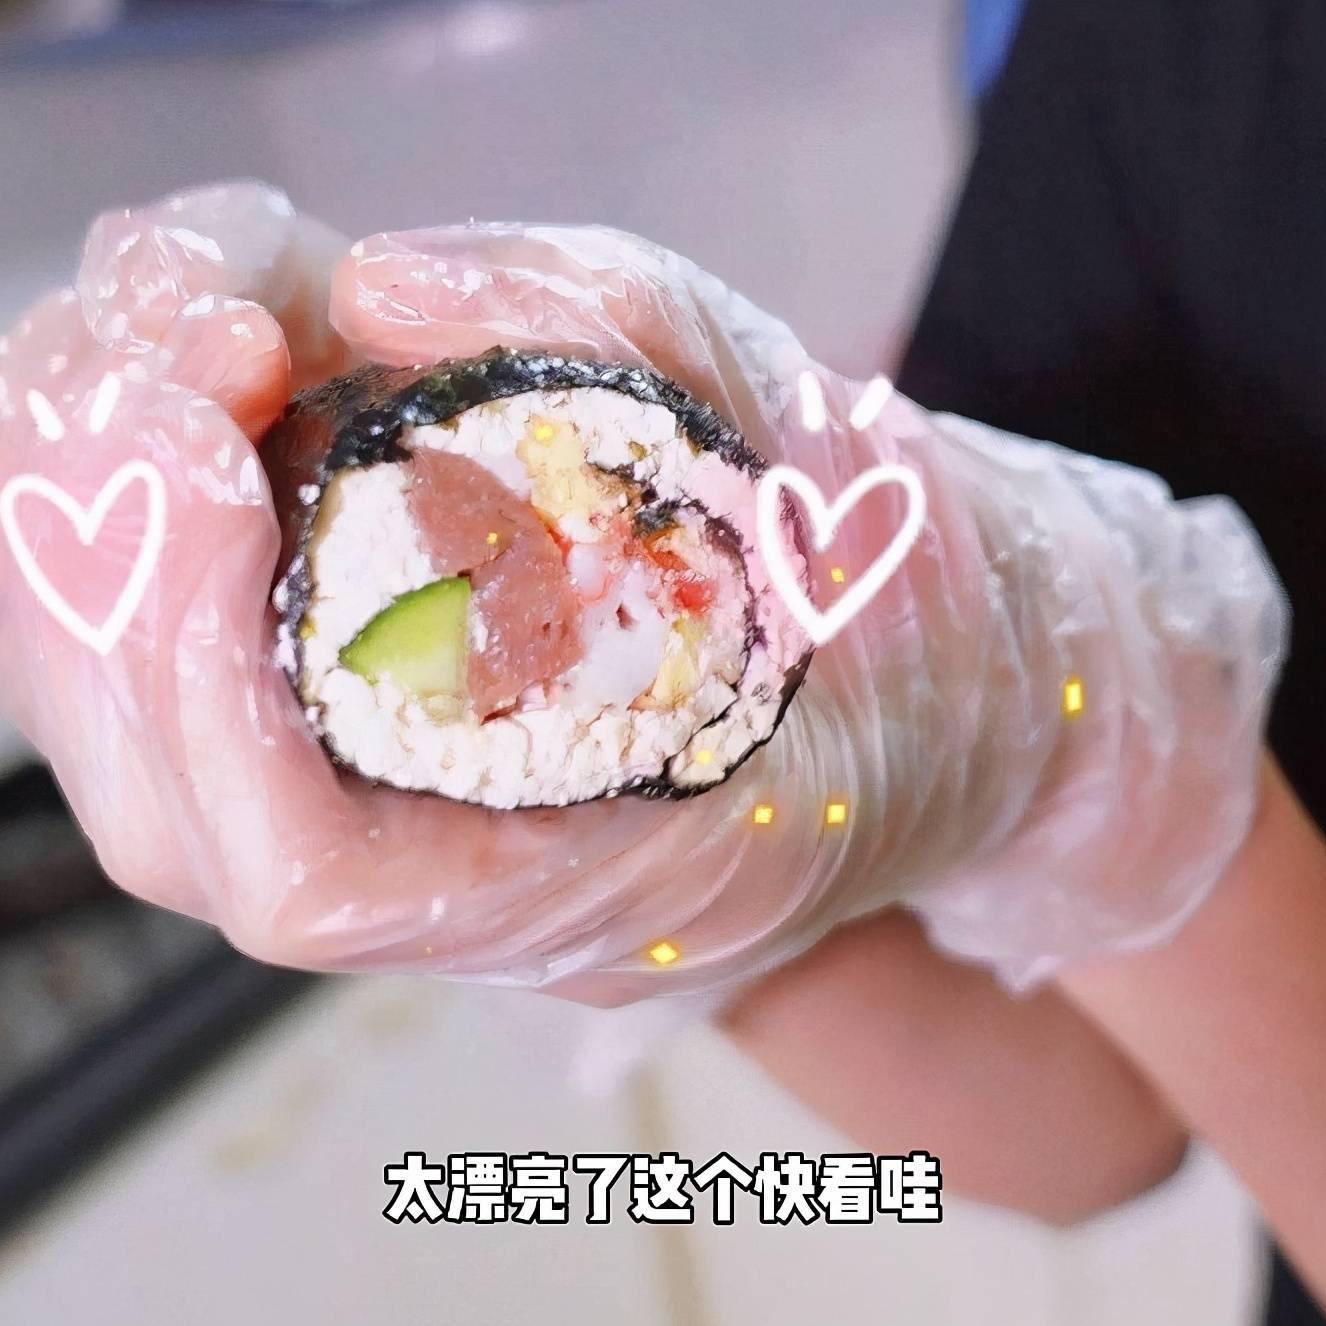 """关晓彤巧用低卡食材,做""""无米寿司""""火了,怕胖还嘴馋得不发愁了"""